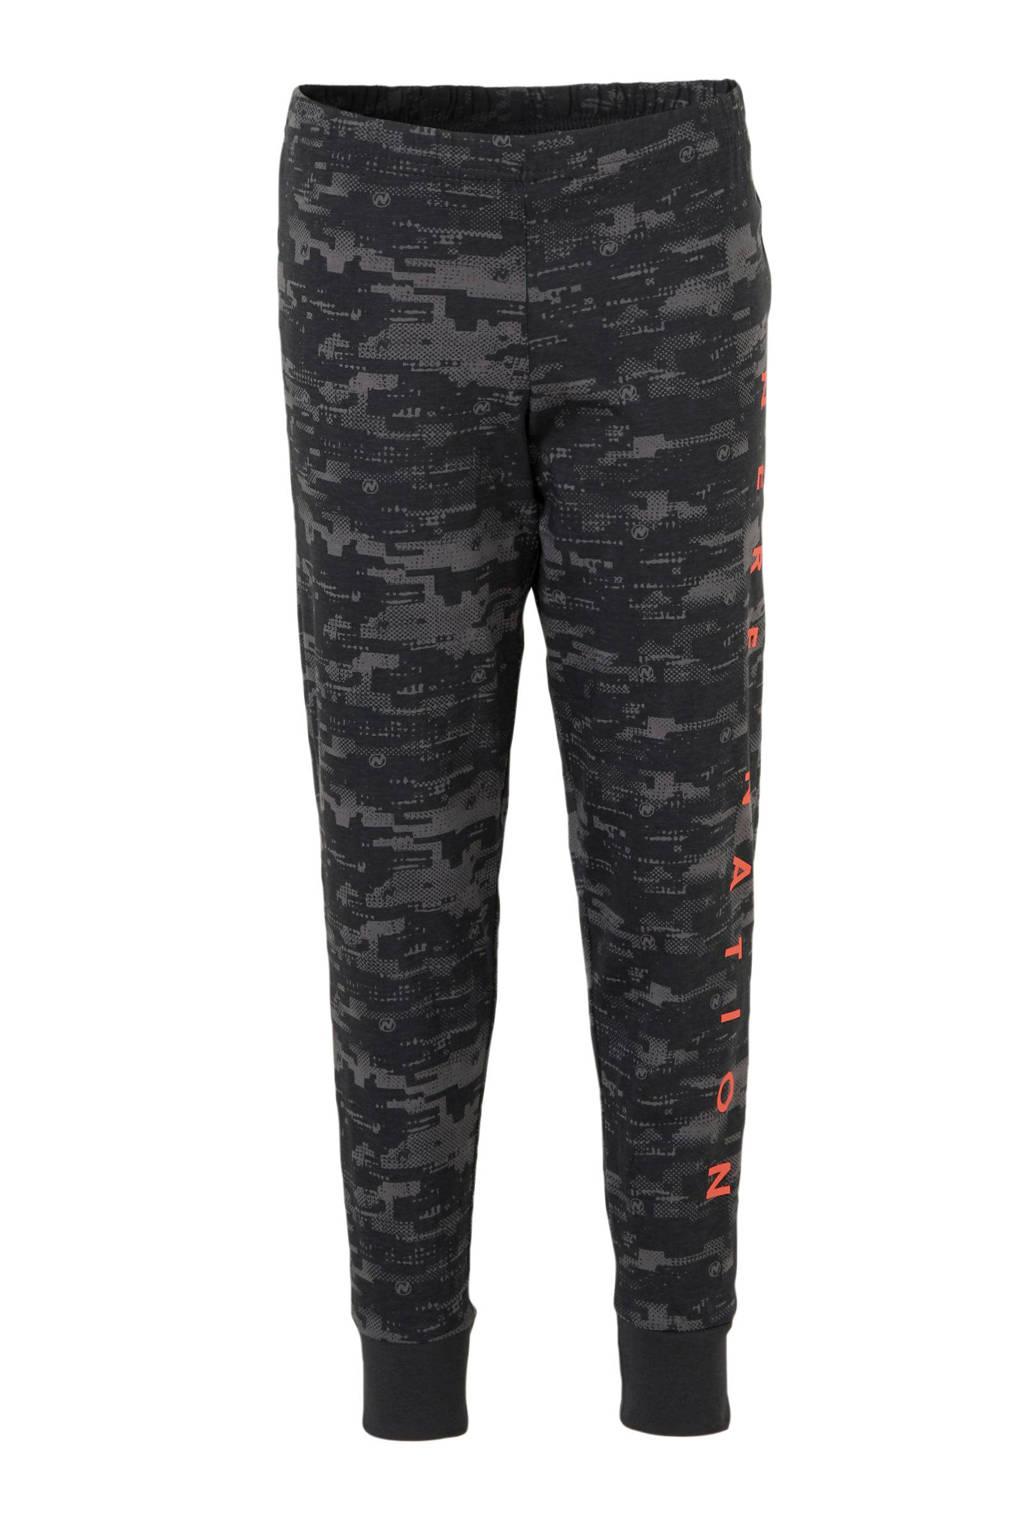 C&A   pyjamabroek en longsleeve antraciet/grijs/oranje